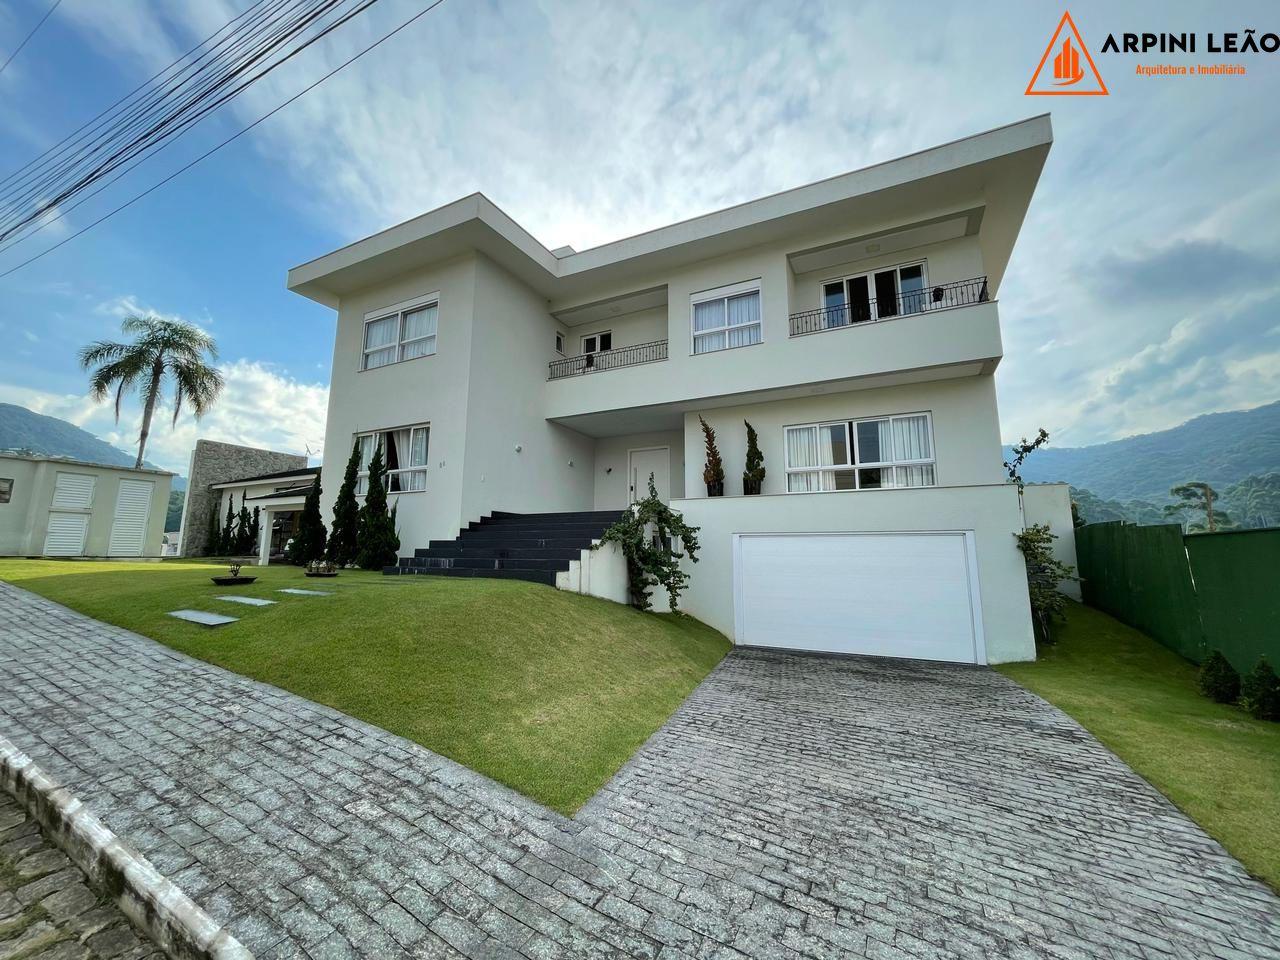 Casa à venda  no Ariribá - Balneário Camboriú, SC. Imóveis